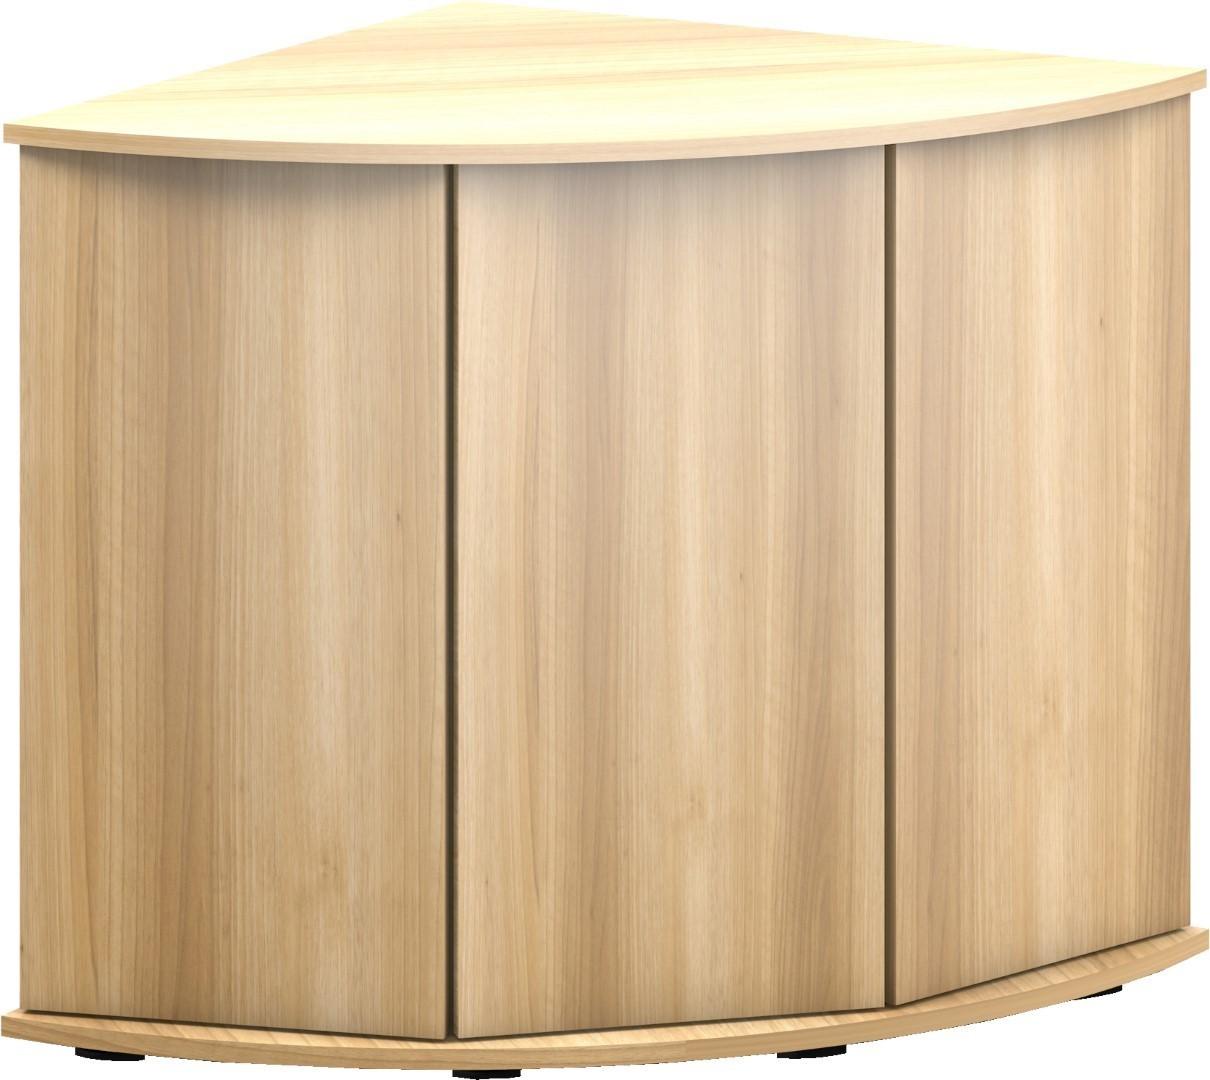 Juwel meubel bouwpakket SBX Trigon 190 licht eiken